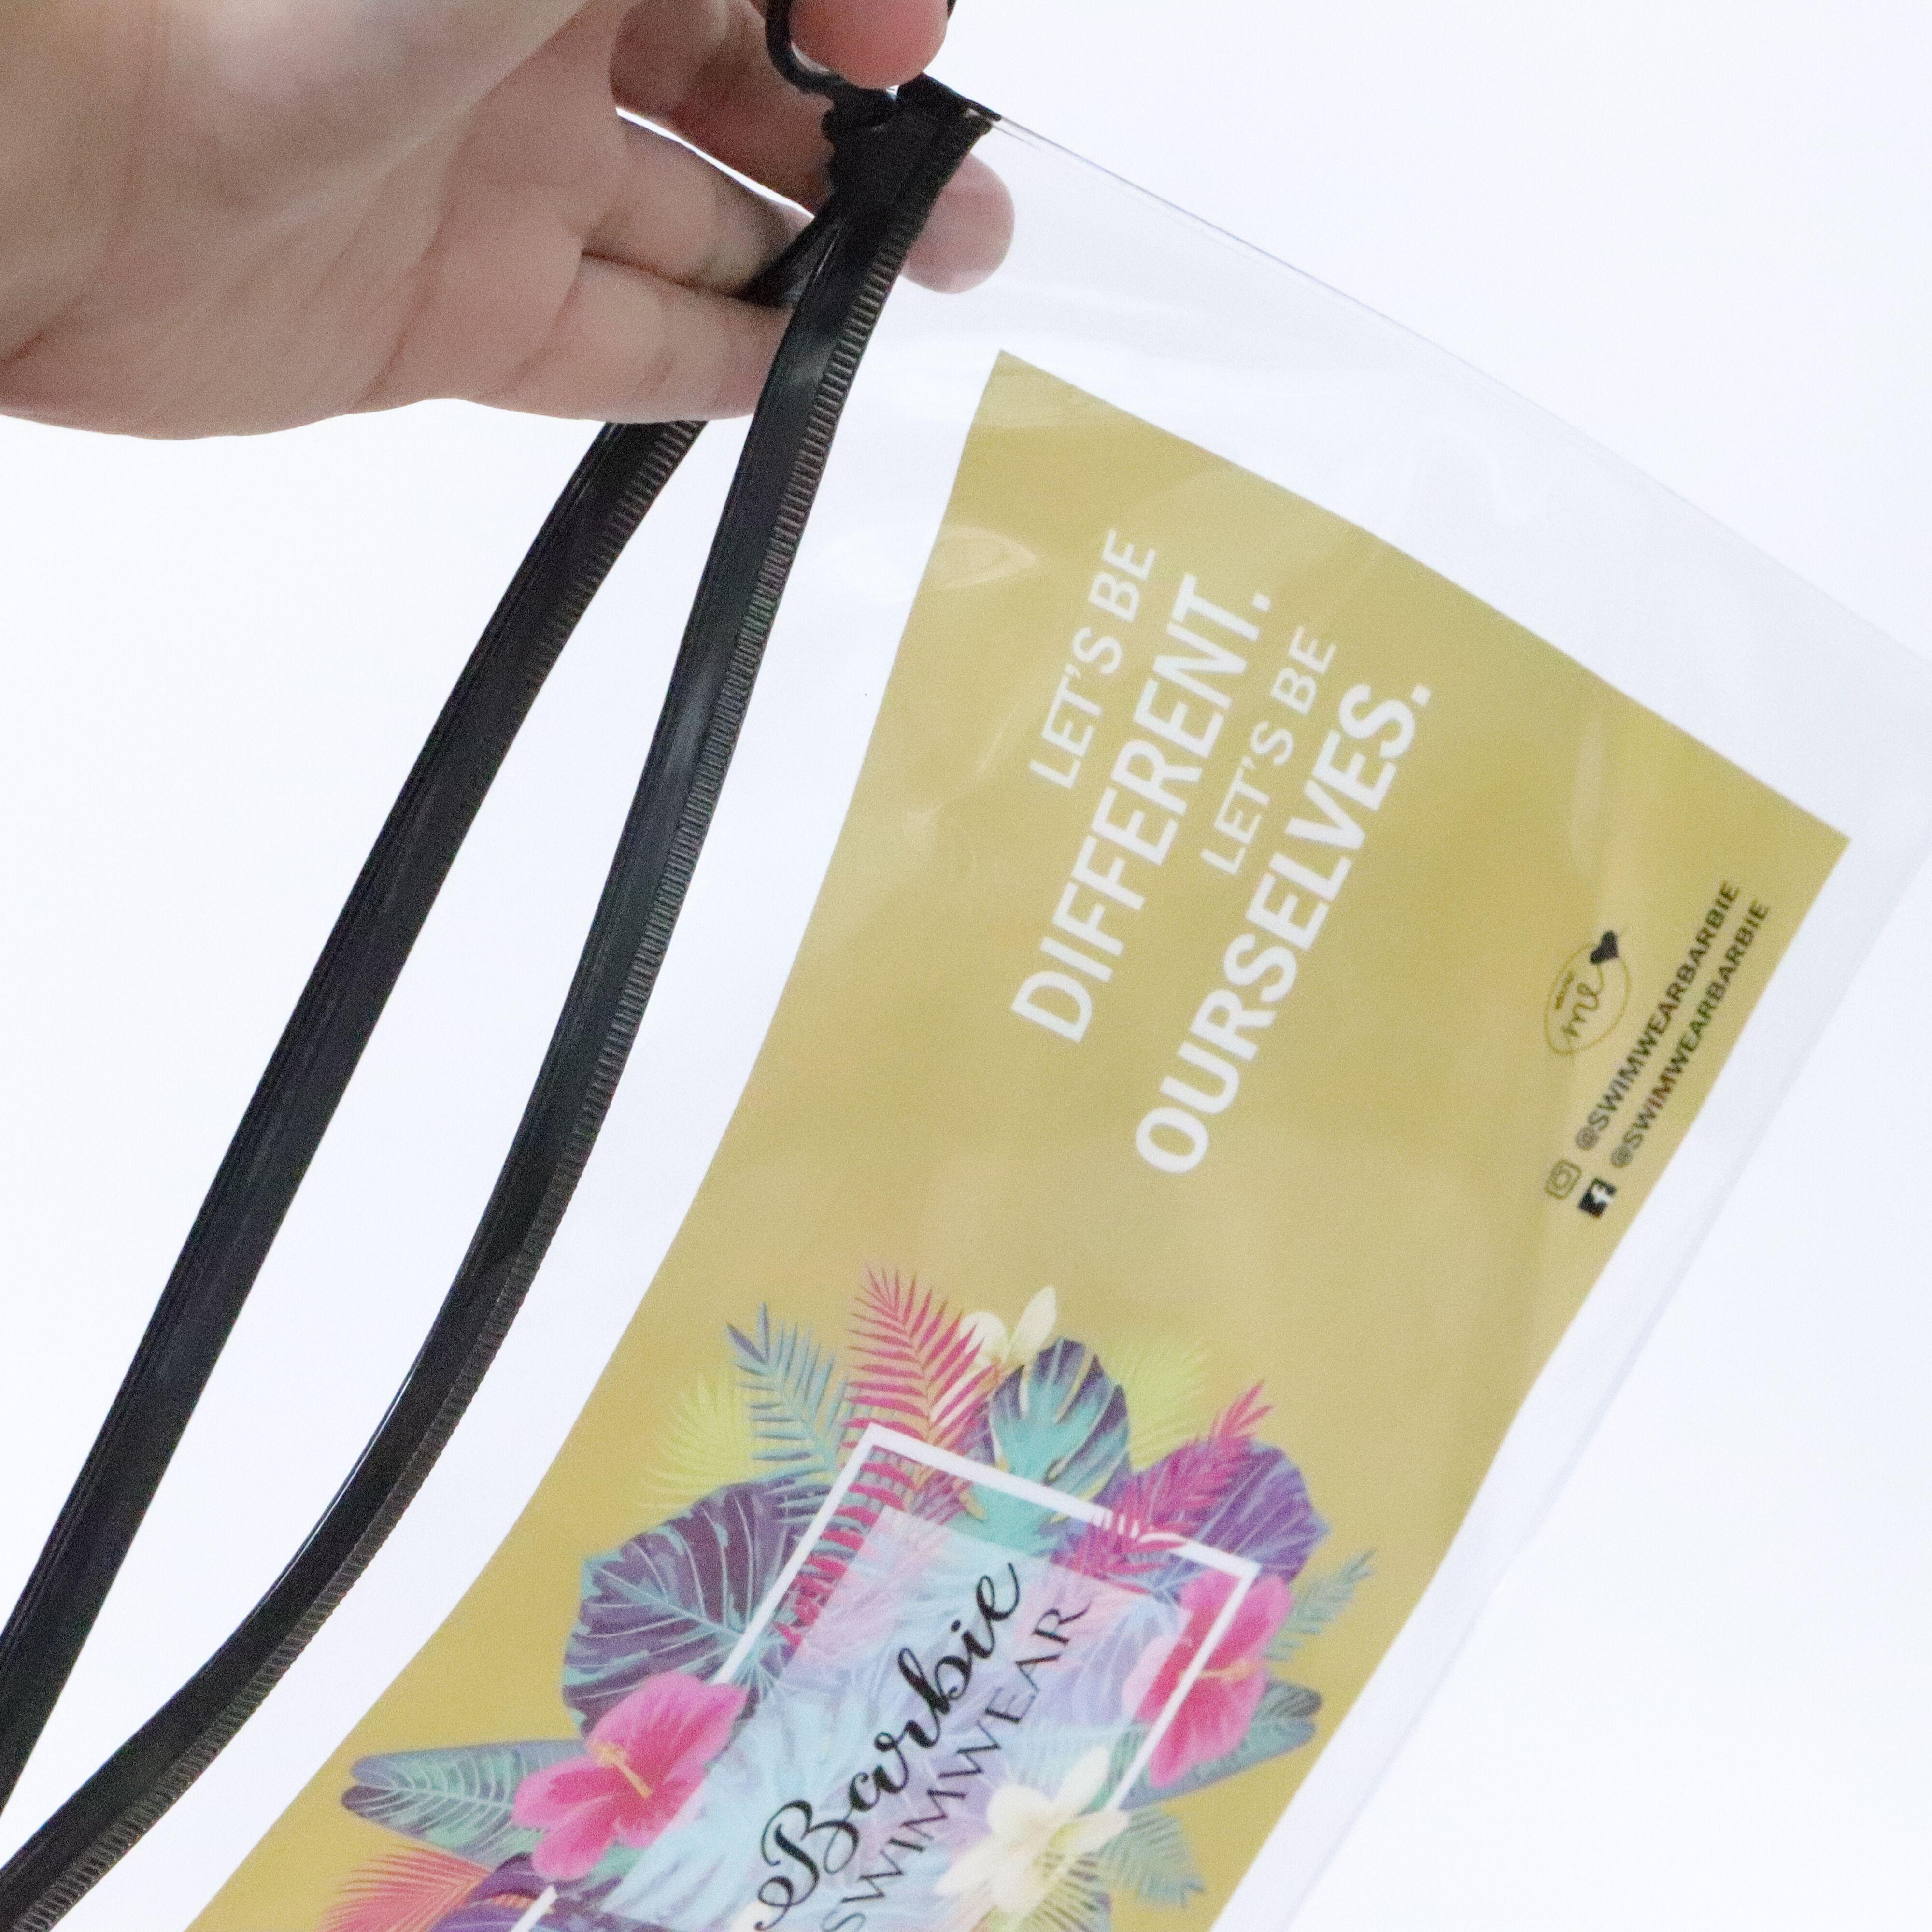 Reciclable de marca logotipo colorido transparente de PVC de la cremallera bolsa de plástico de embalaje para ropa de viaje cosmético Ziplock bolsa